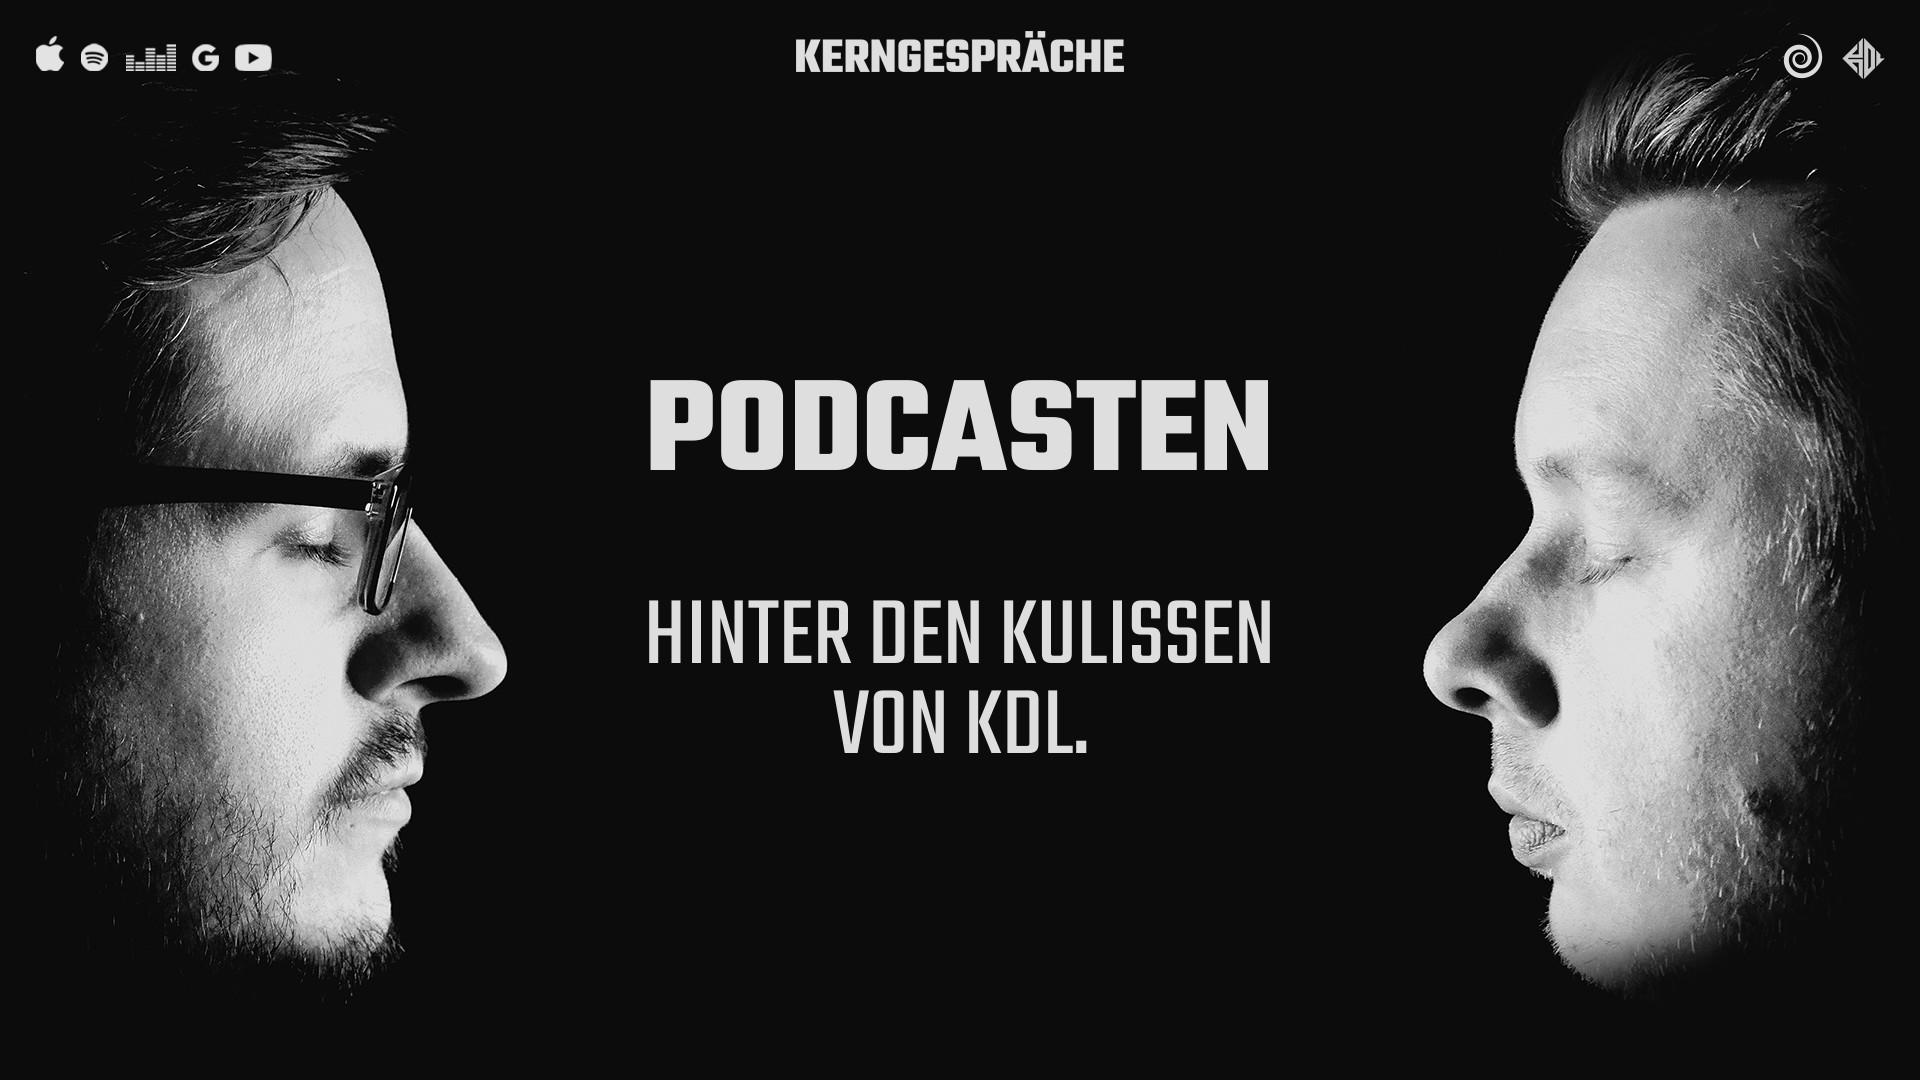 Podcasten: hinter den Kulissen von KDL.